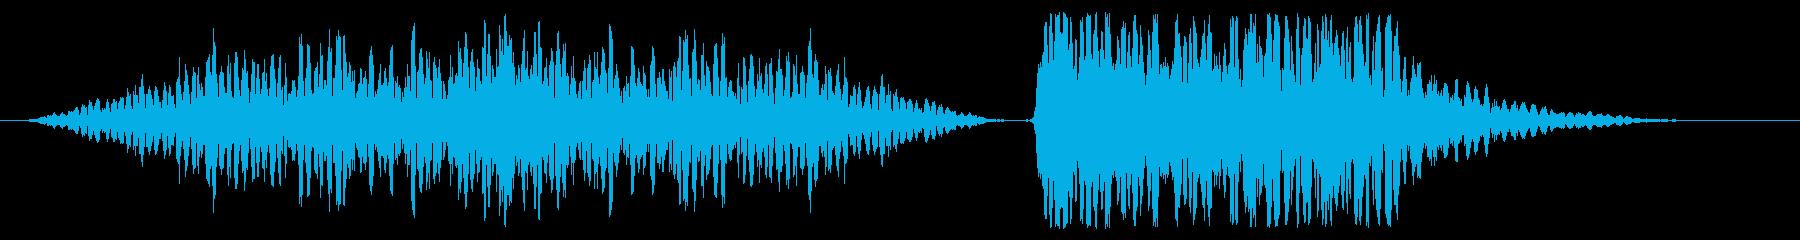 シューという唾液変換の再生済みの波形